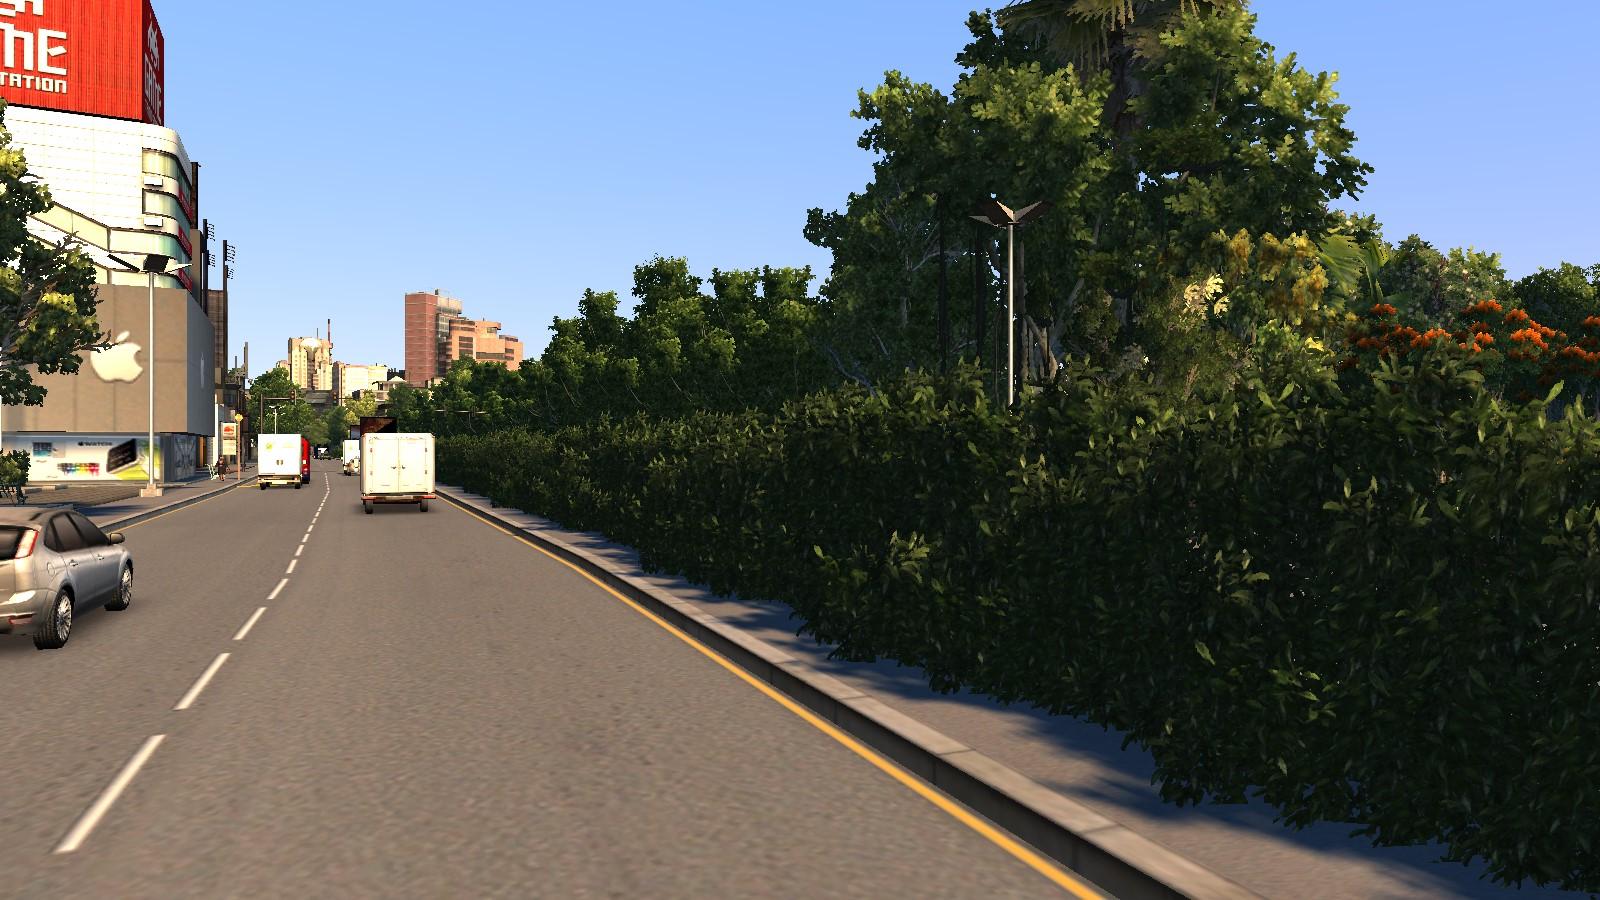 gamescreen0565.jpg